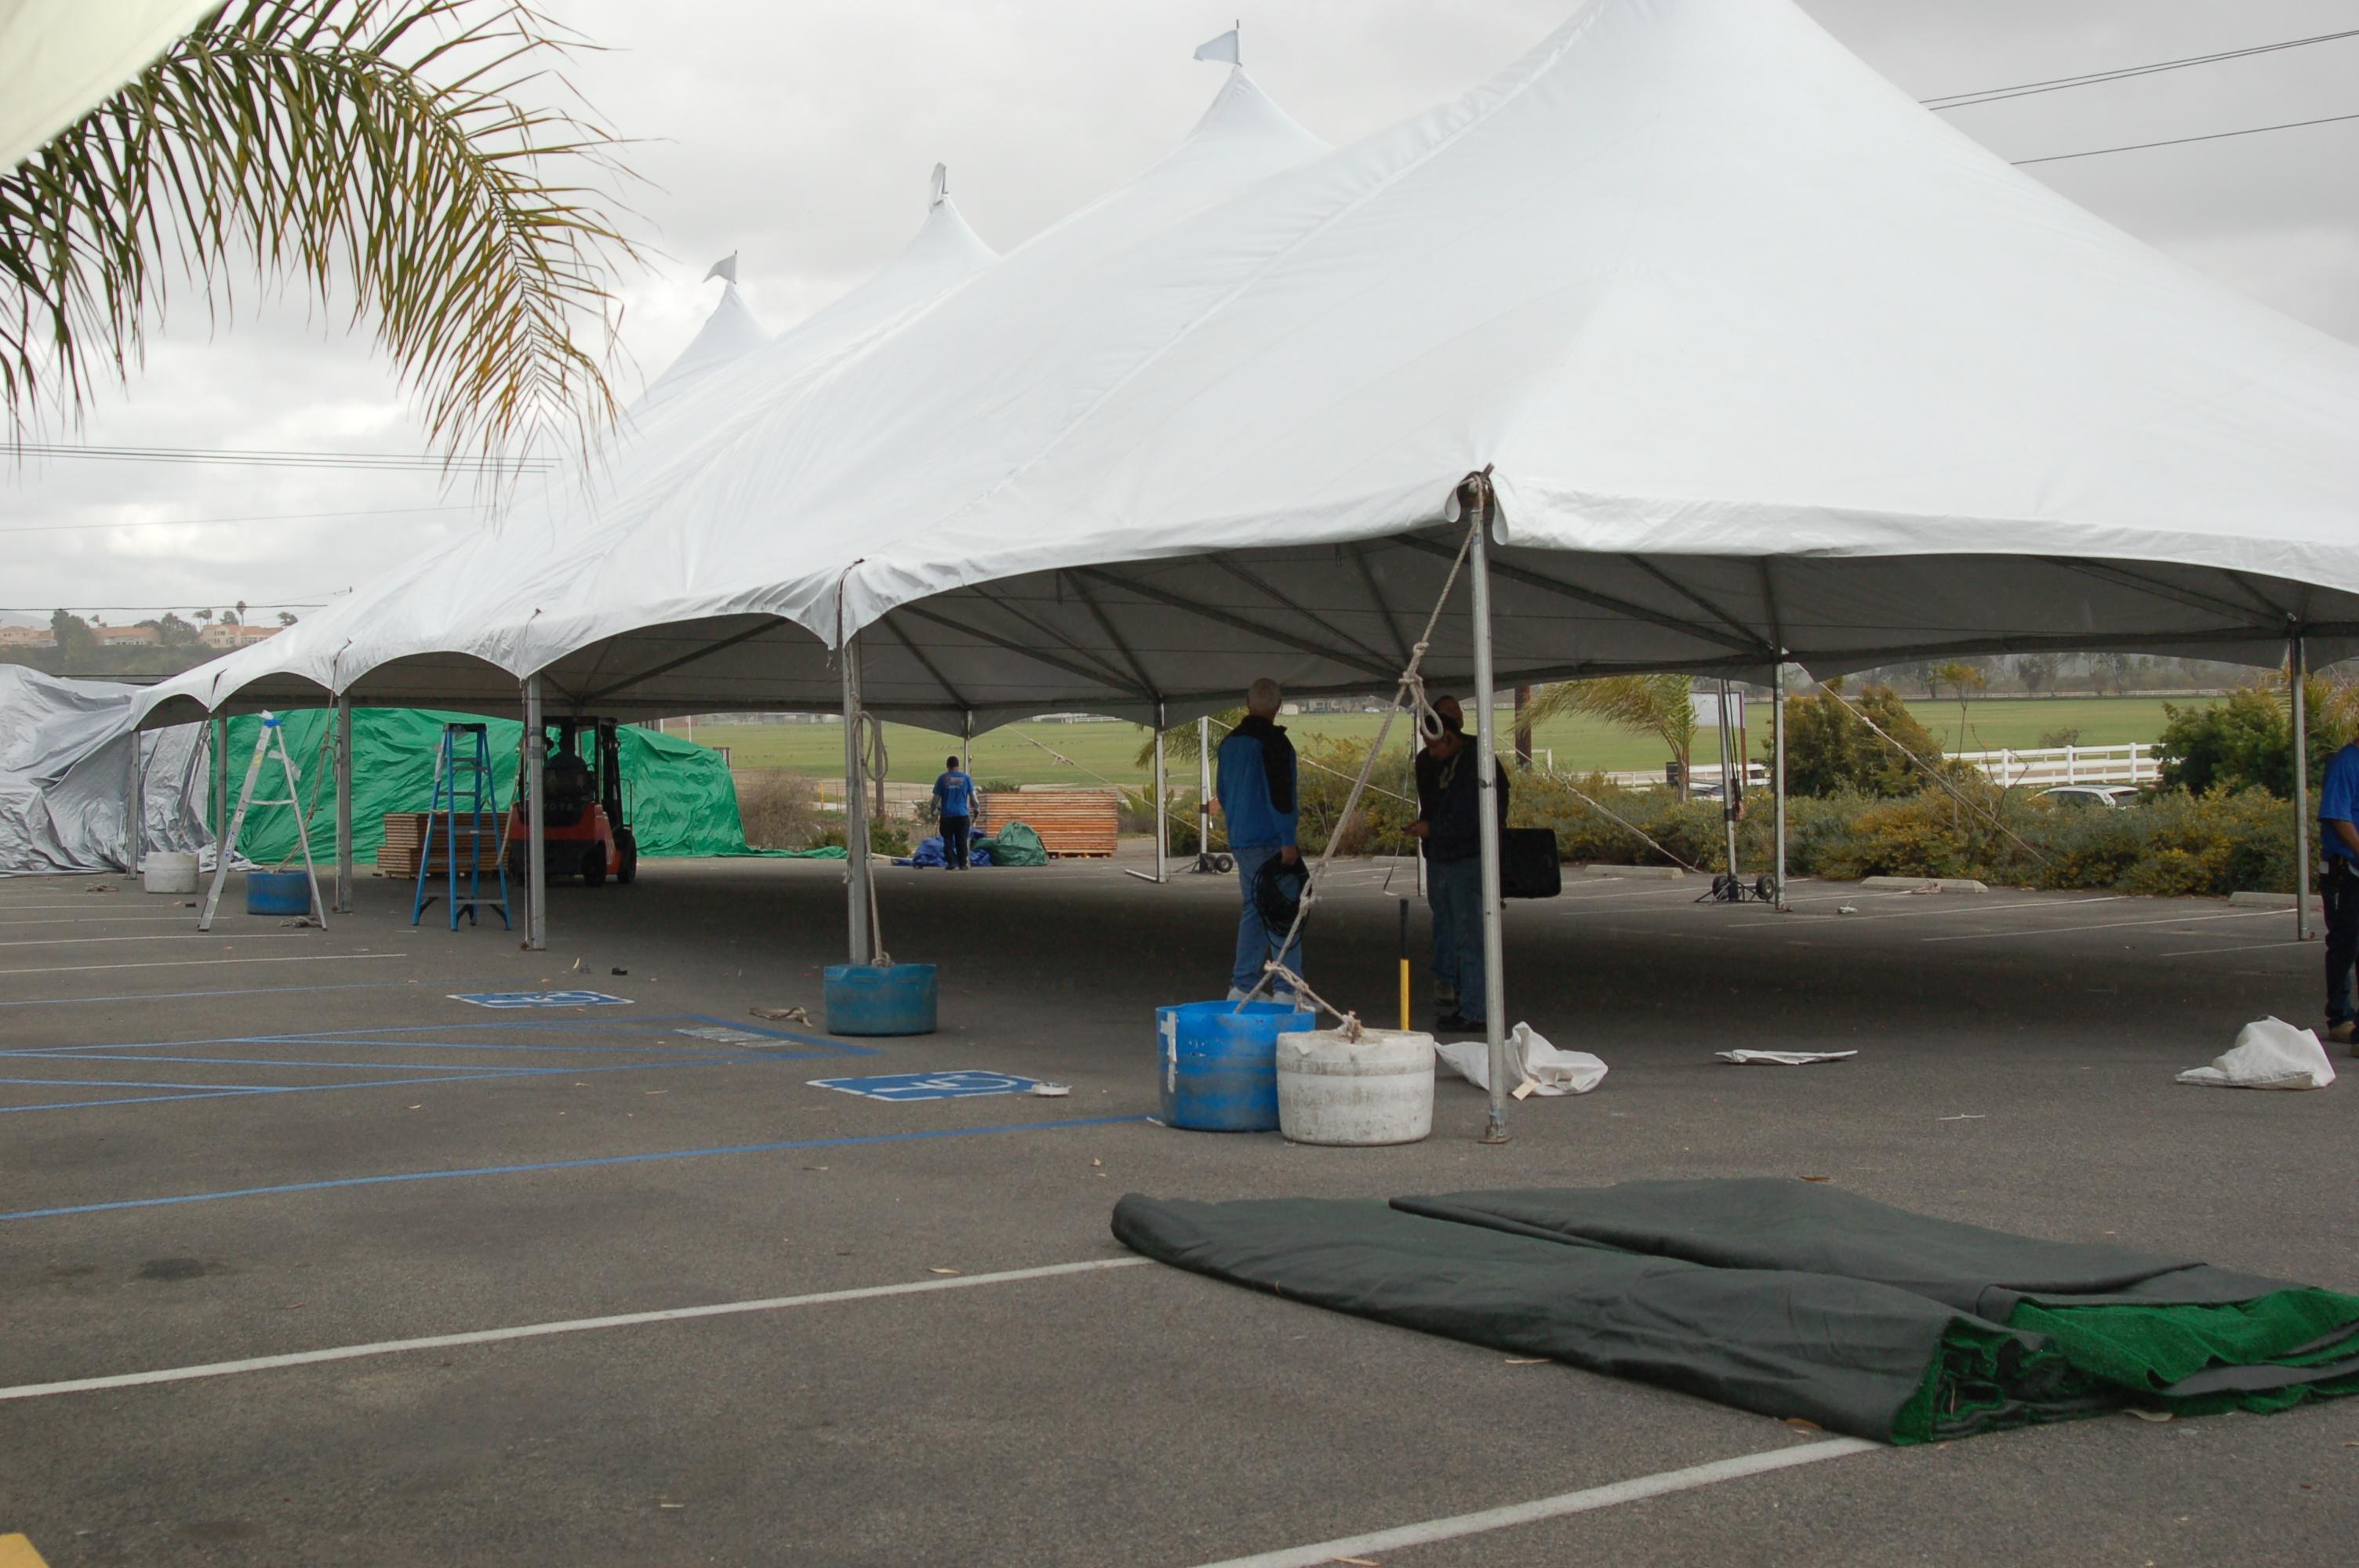 tent sale equestrian horses discounts u201c & Maryu0027s Tack and Feed Tent Sale 2013! | Maryu0027s Tack u0026 Feed